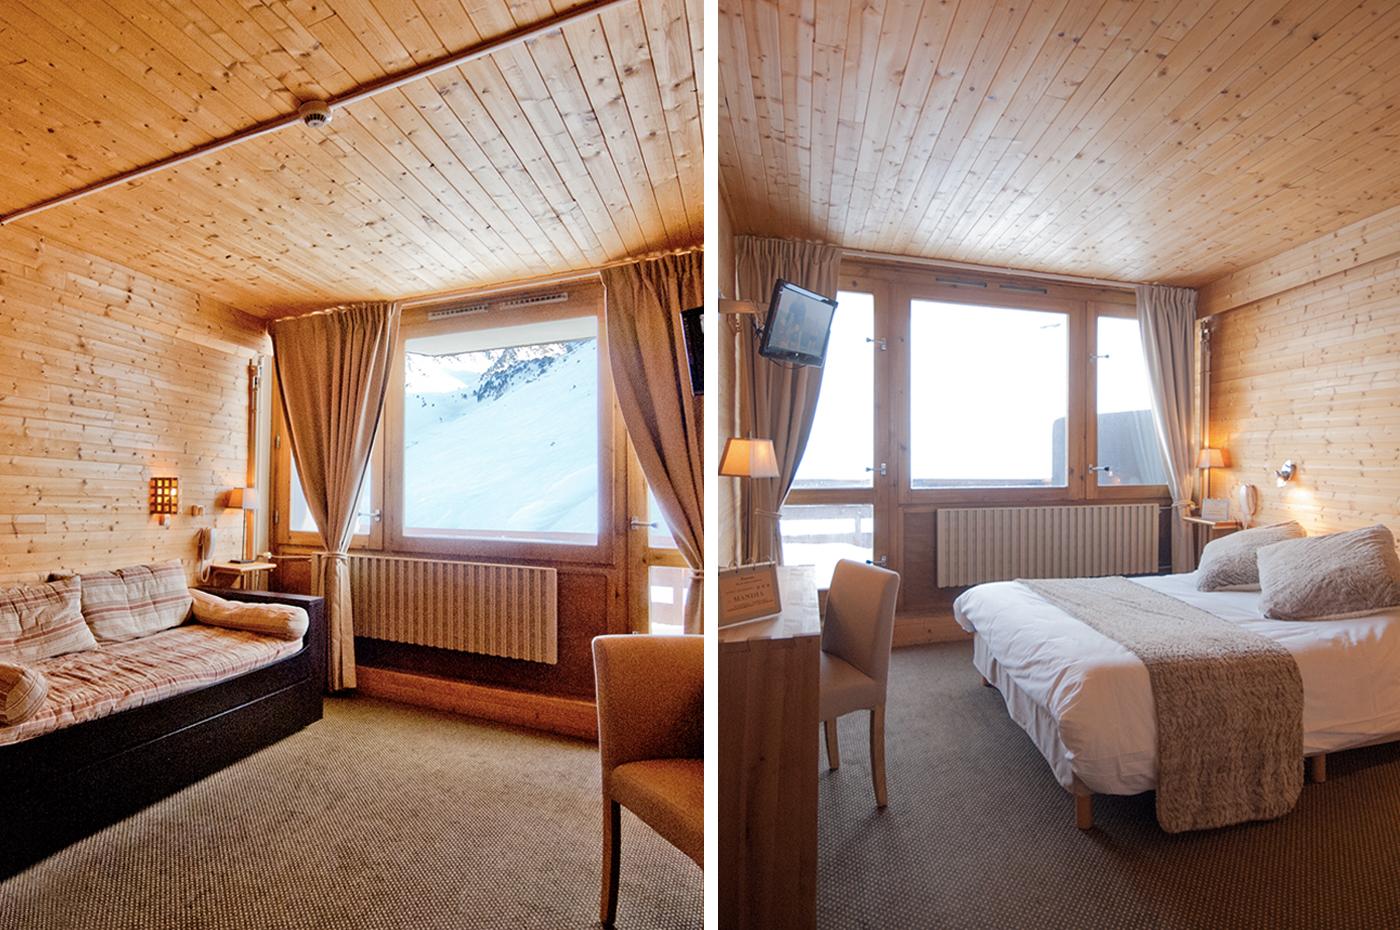 Suite avec 2 lits doubles et vue sur les pistes